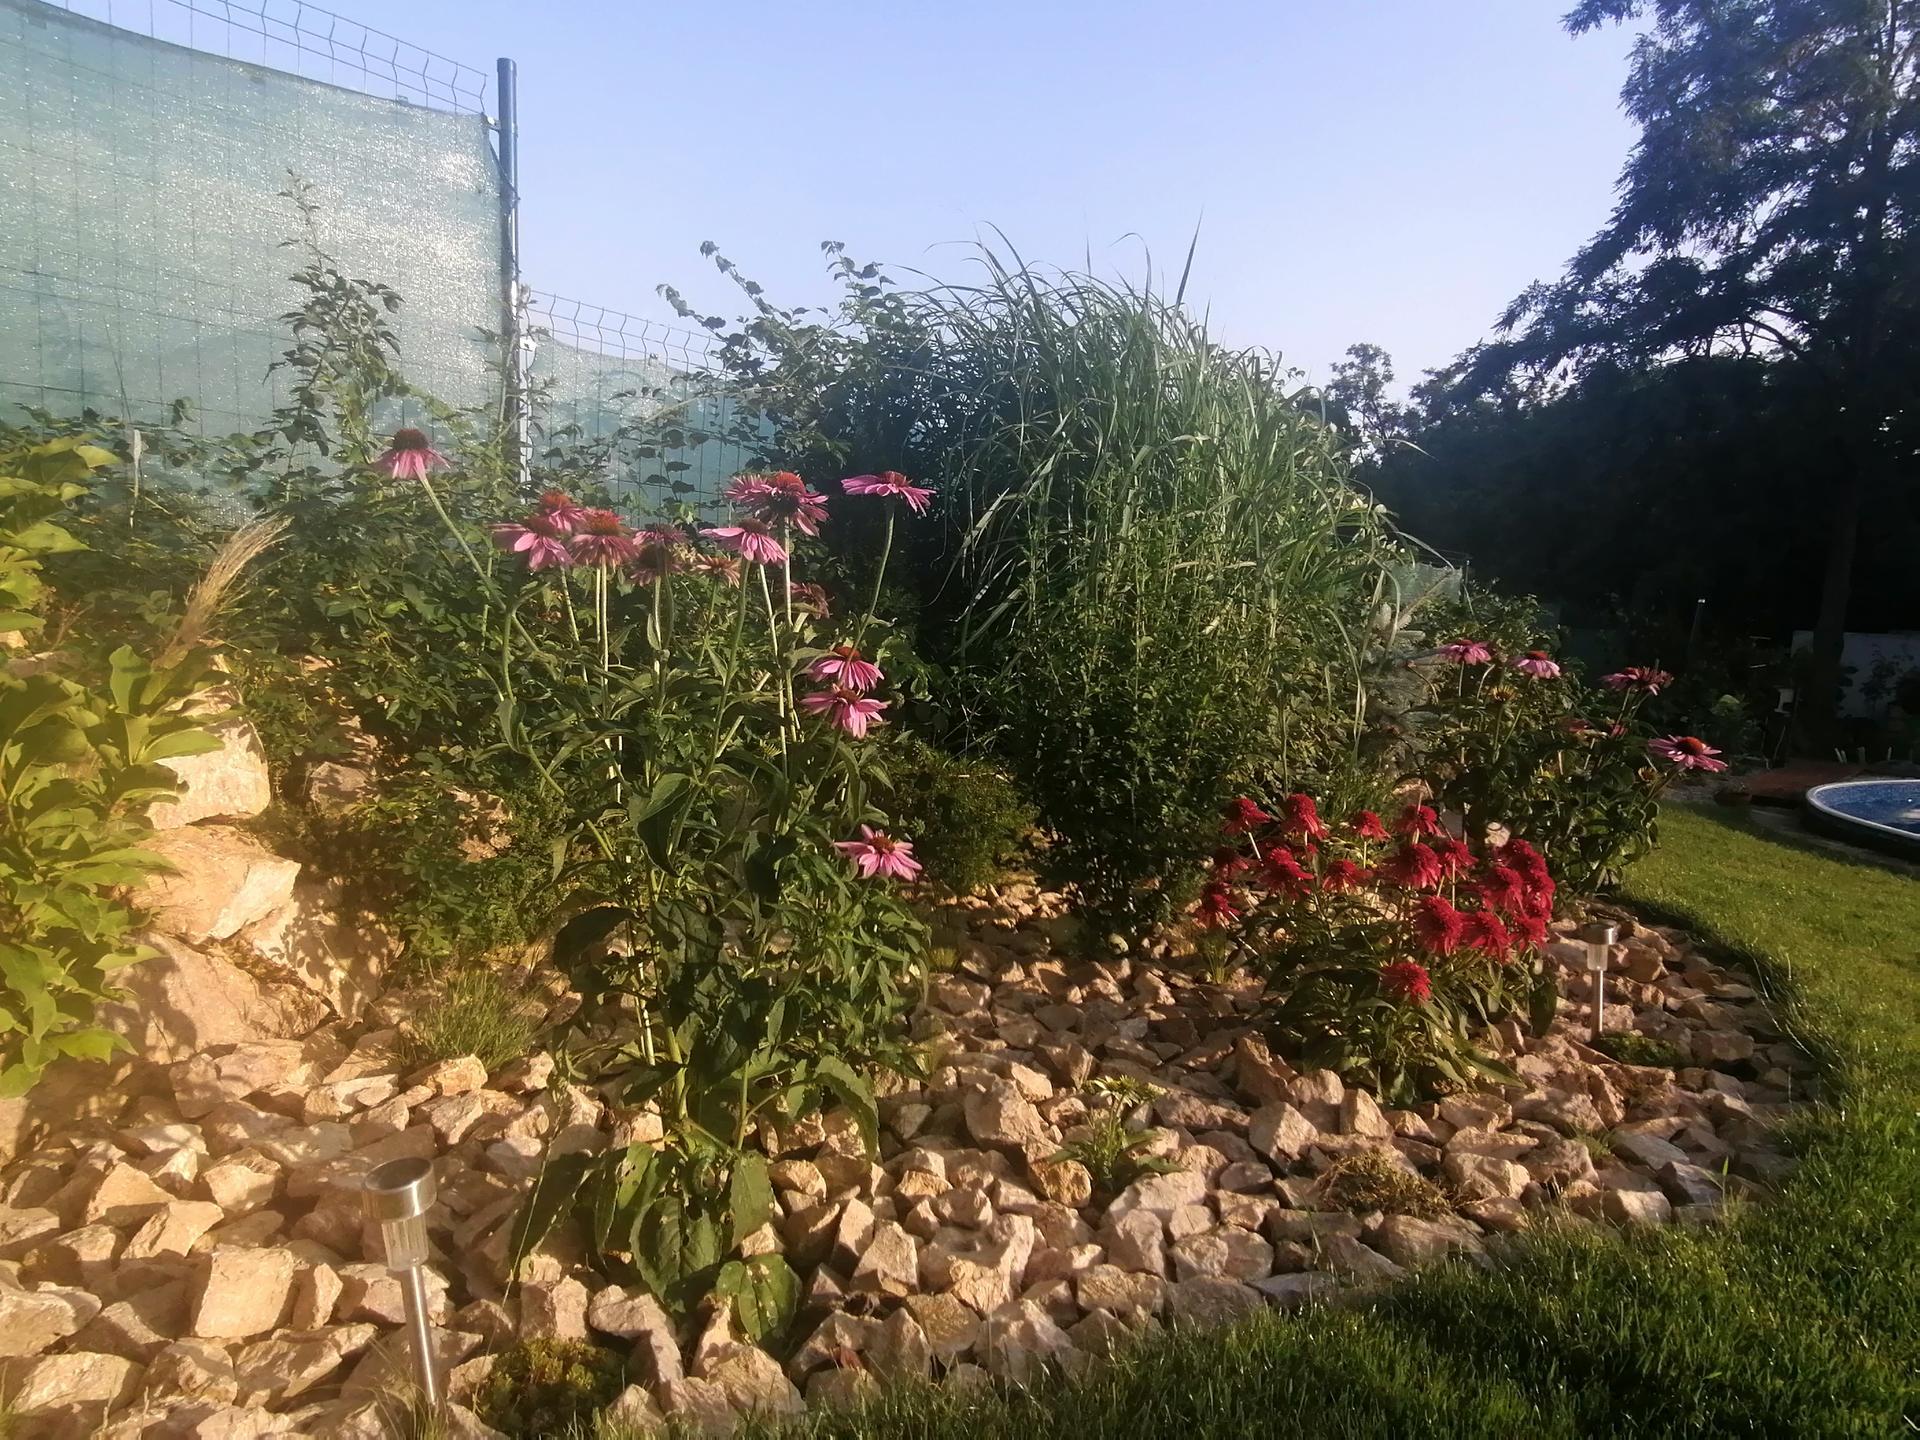 Záhrada a bývanie - 4.rok - Obrázok č. 30